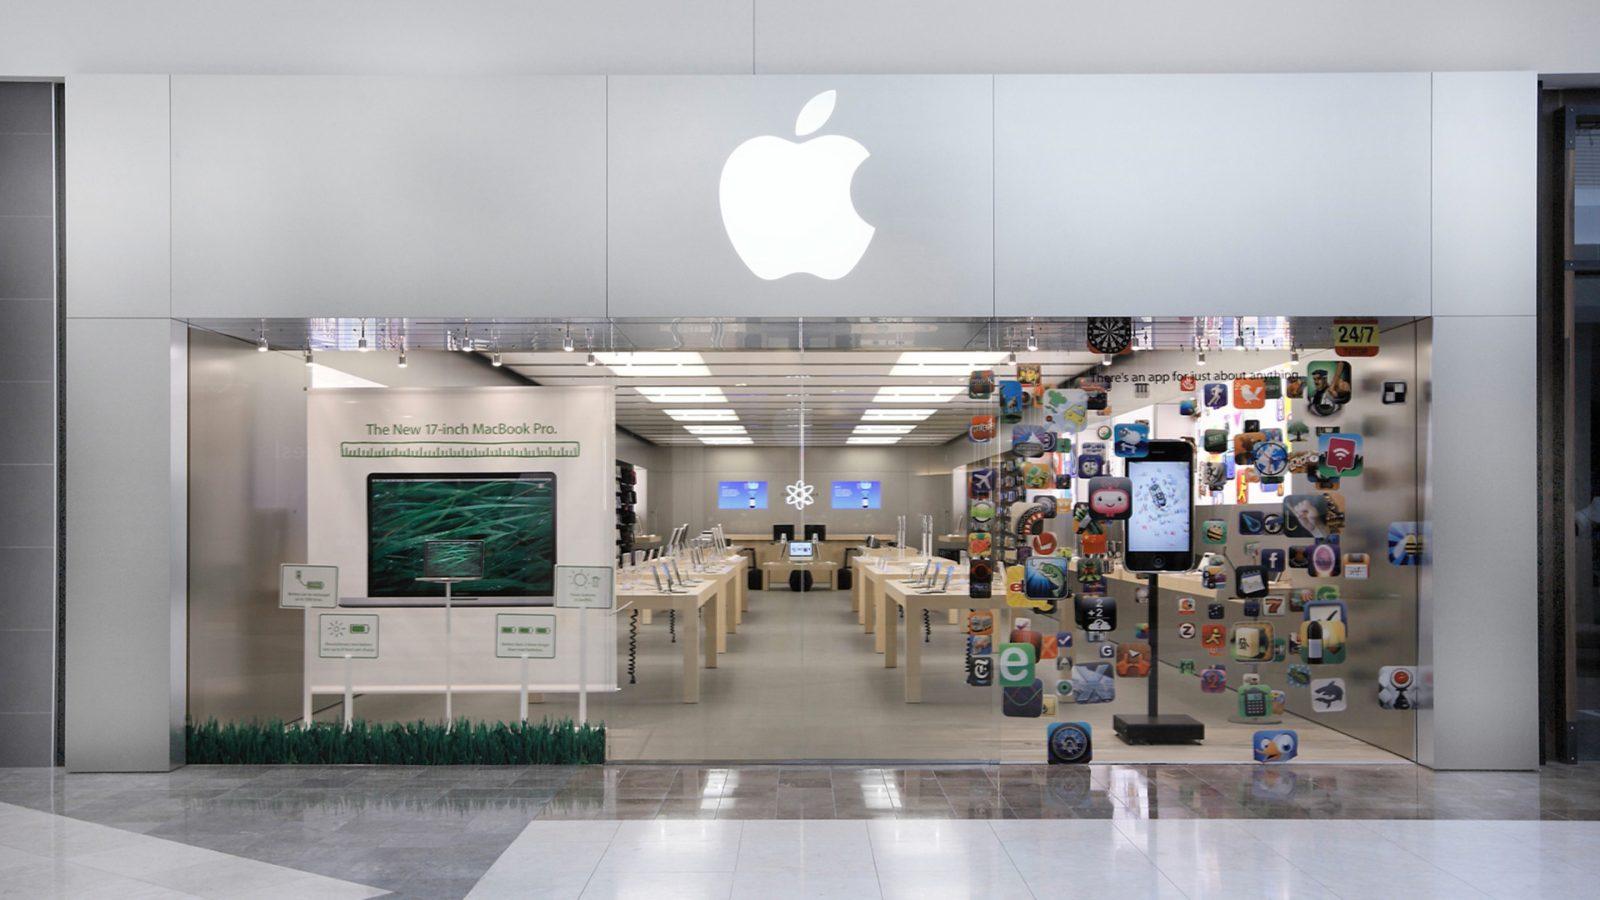 Australia?s second modernized Apple store opening in Robina on September 29th